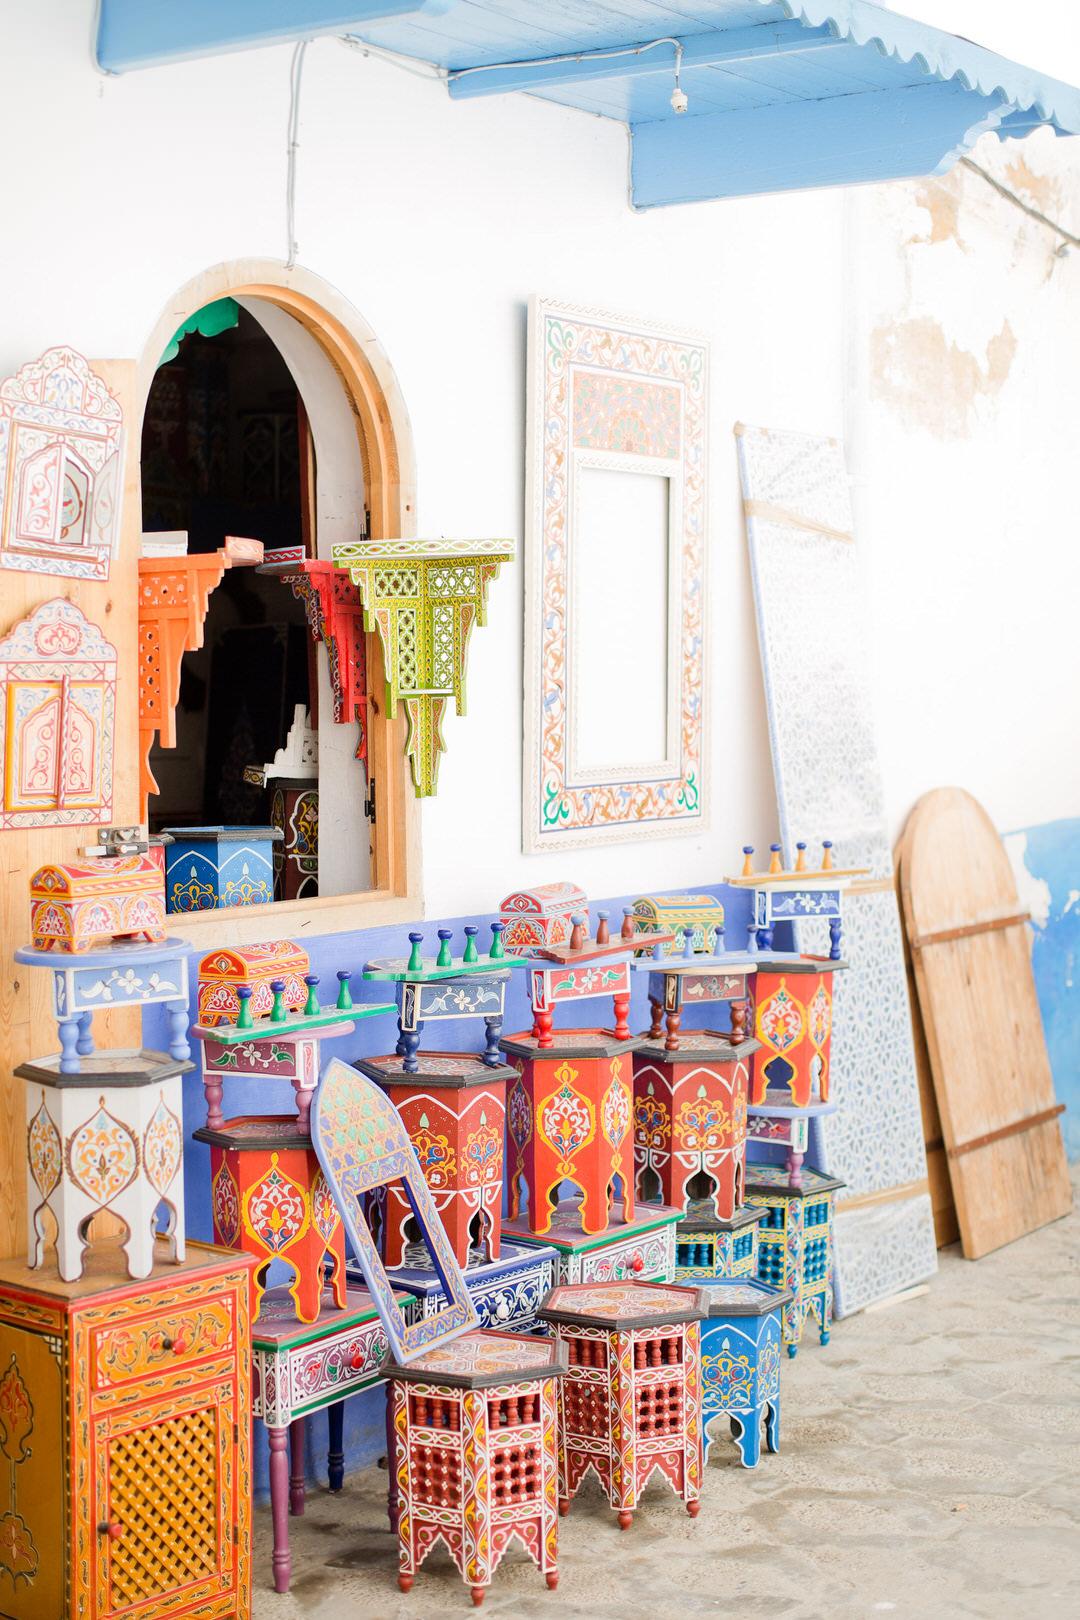 Melissa Kruse Photography - Asilah Morocco (Web)-54.jpg